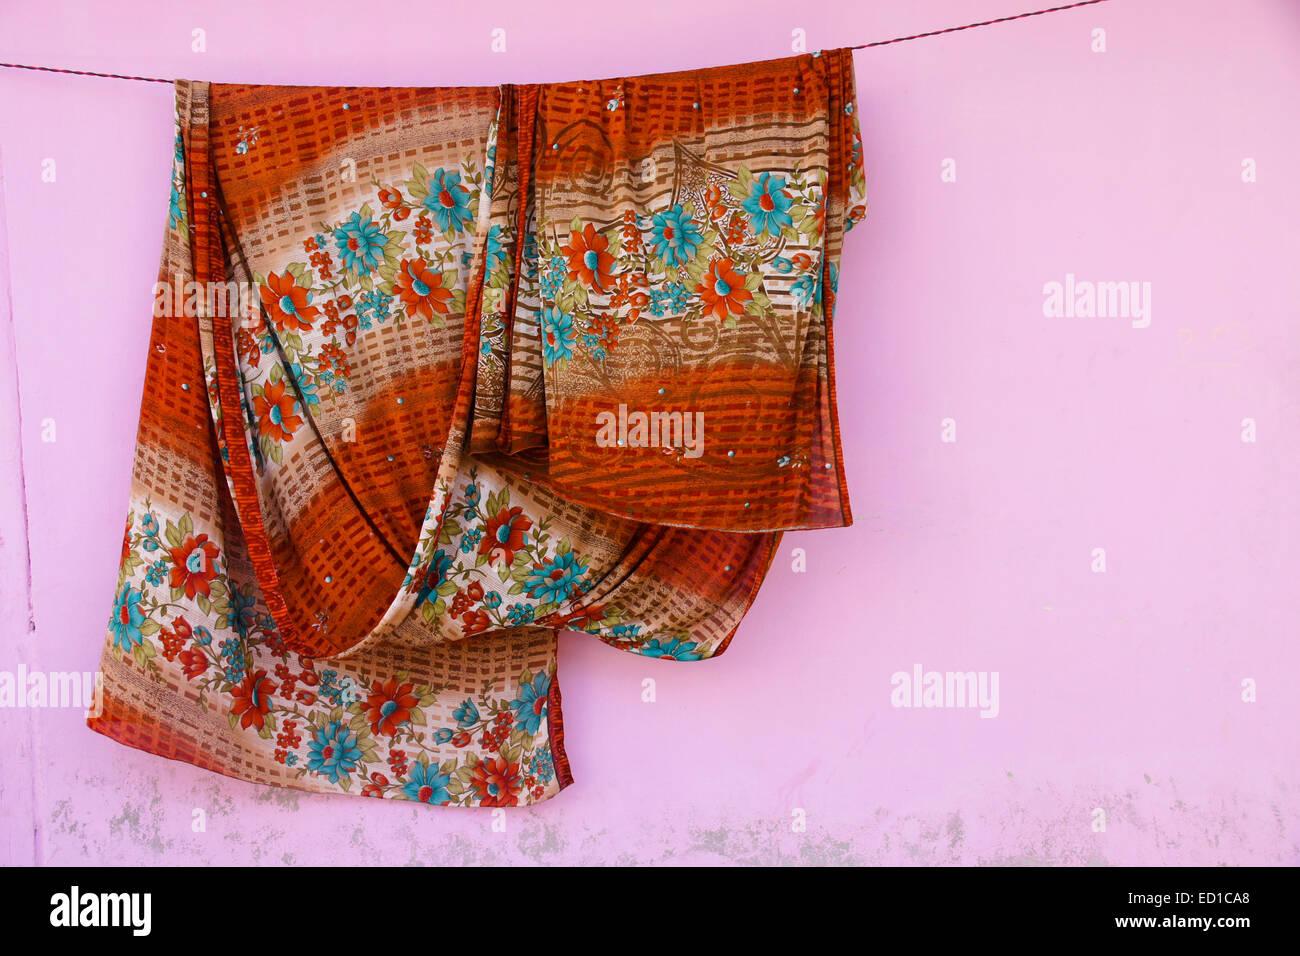 Sari (saree) appesi ad asciugare, India Immagini Stock